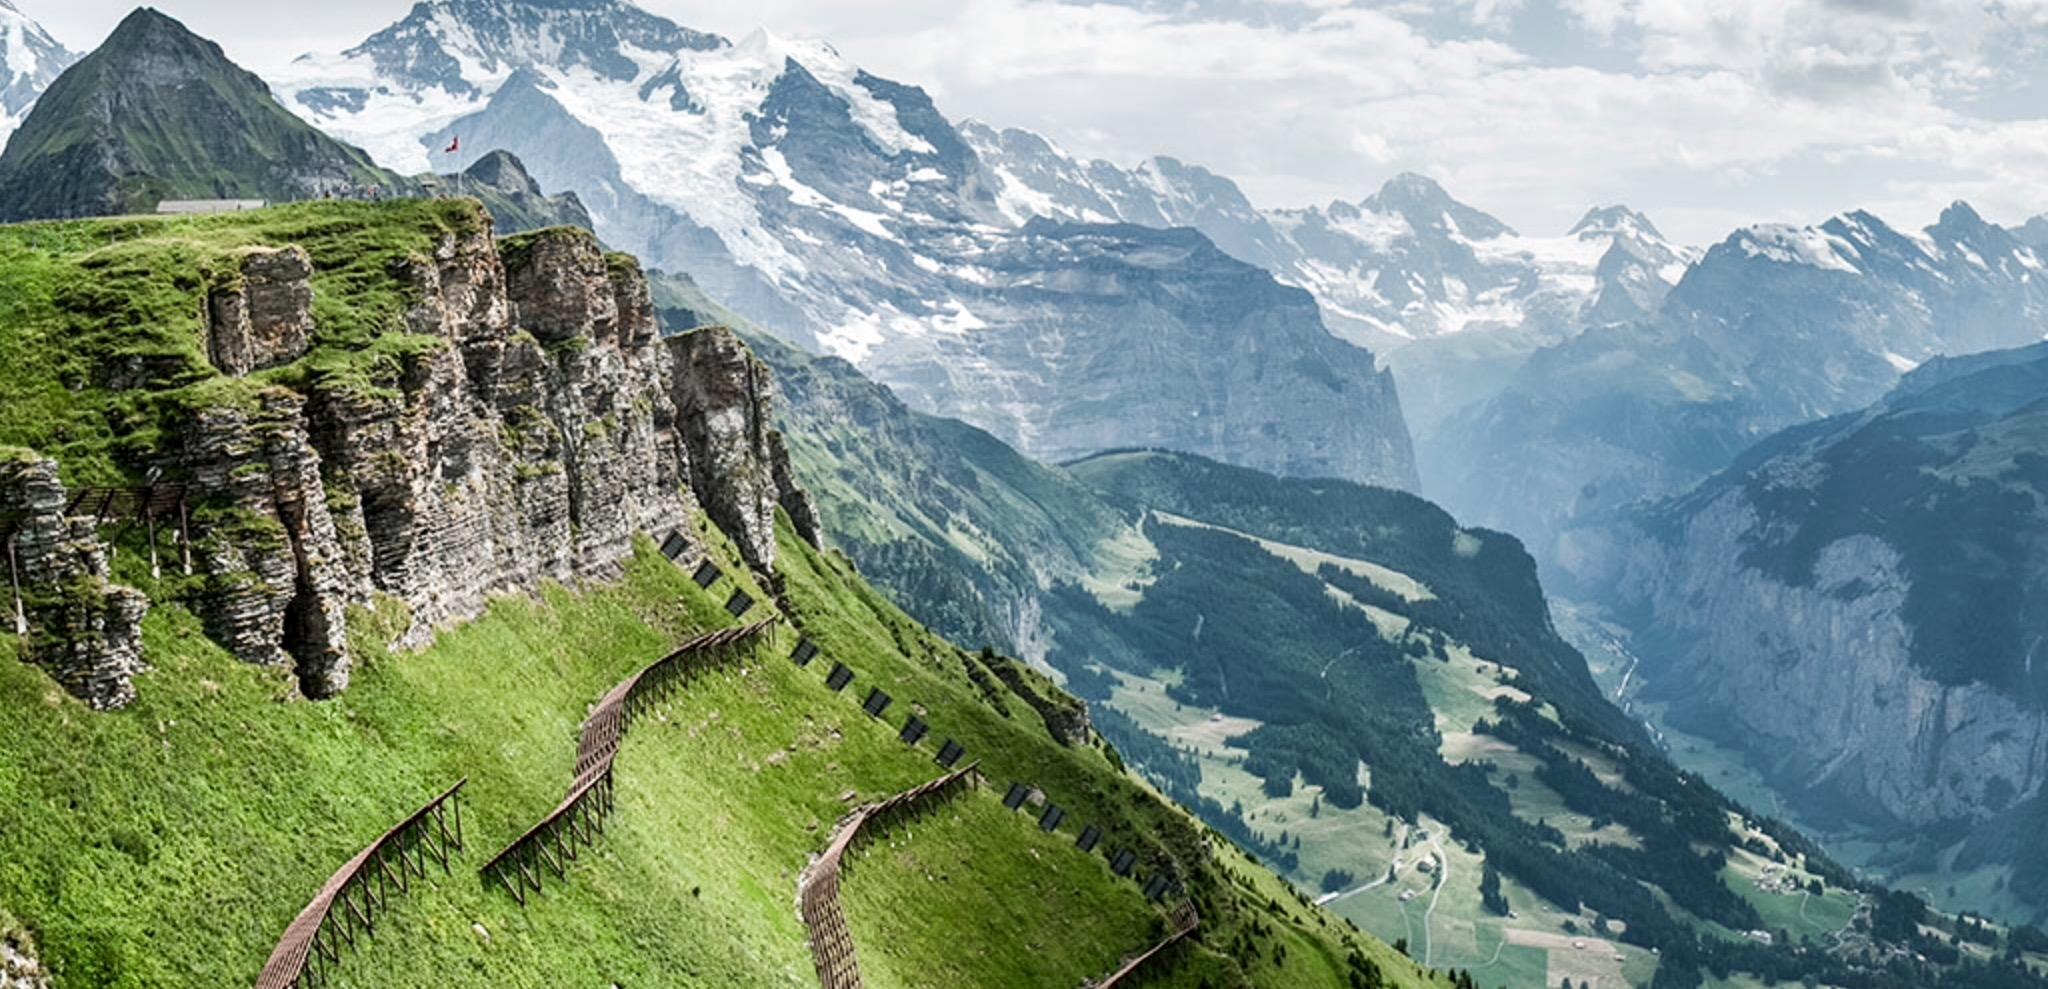 Zapierające dech w piersiach otoczenie, pośród którego rozgrywane są zawody Eiger Ultra Trail